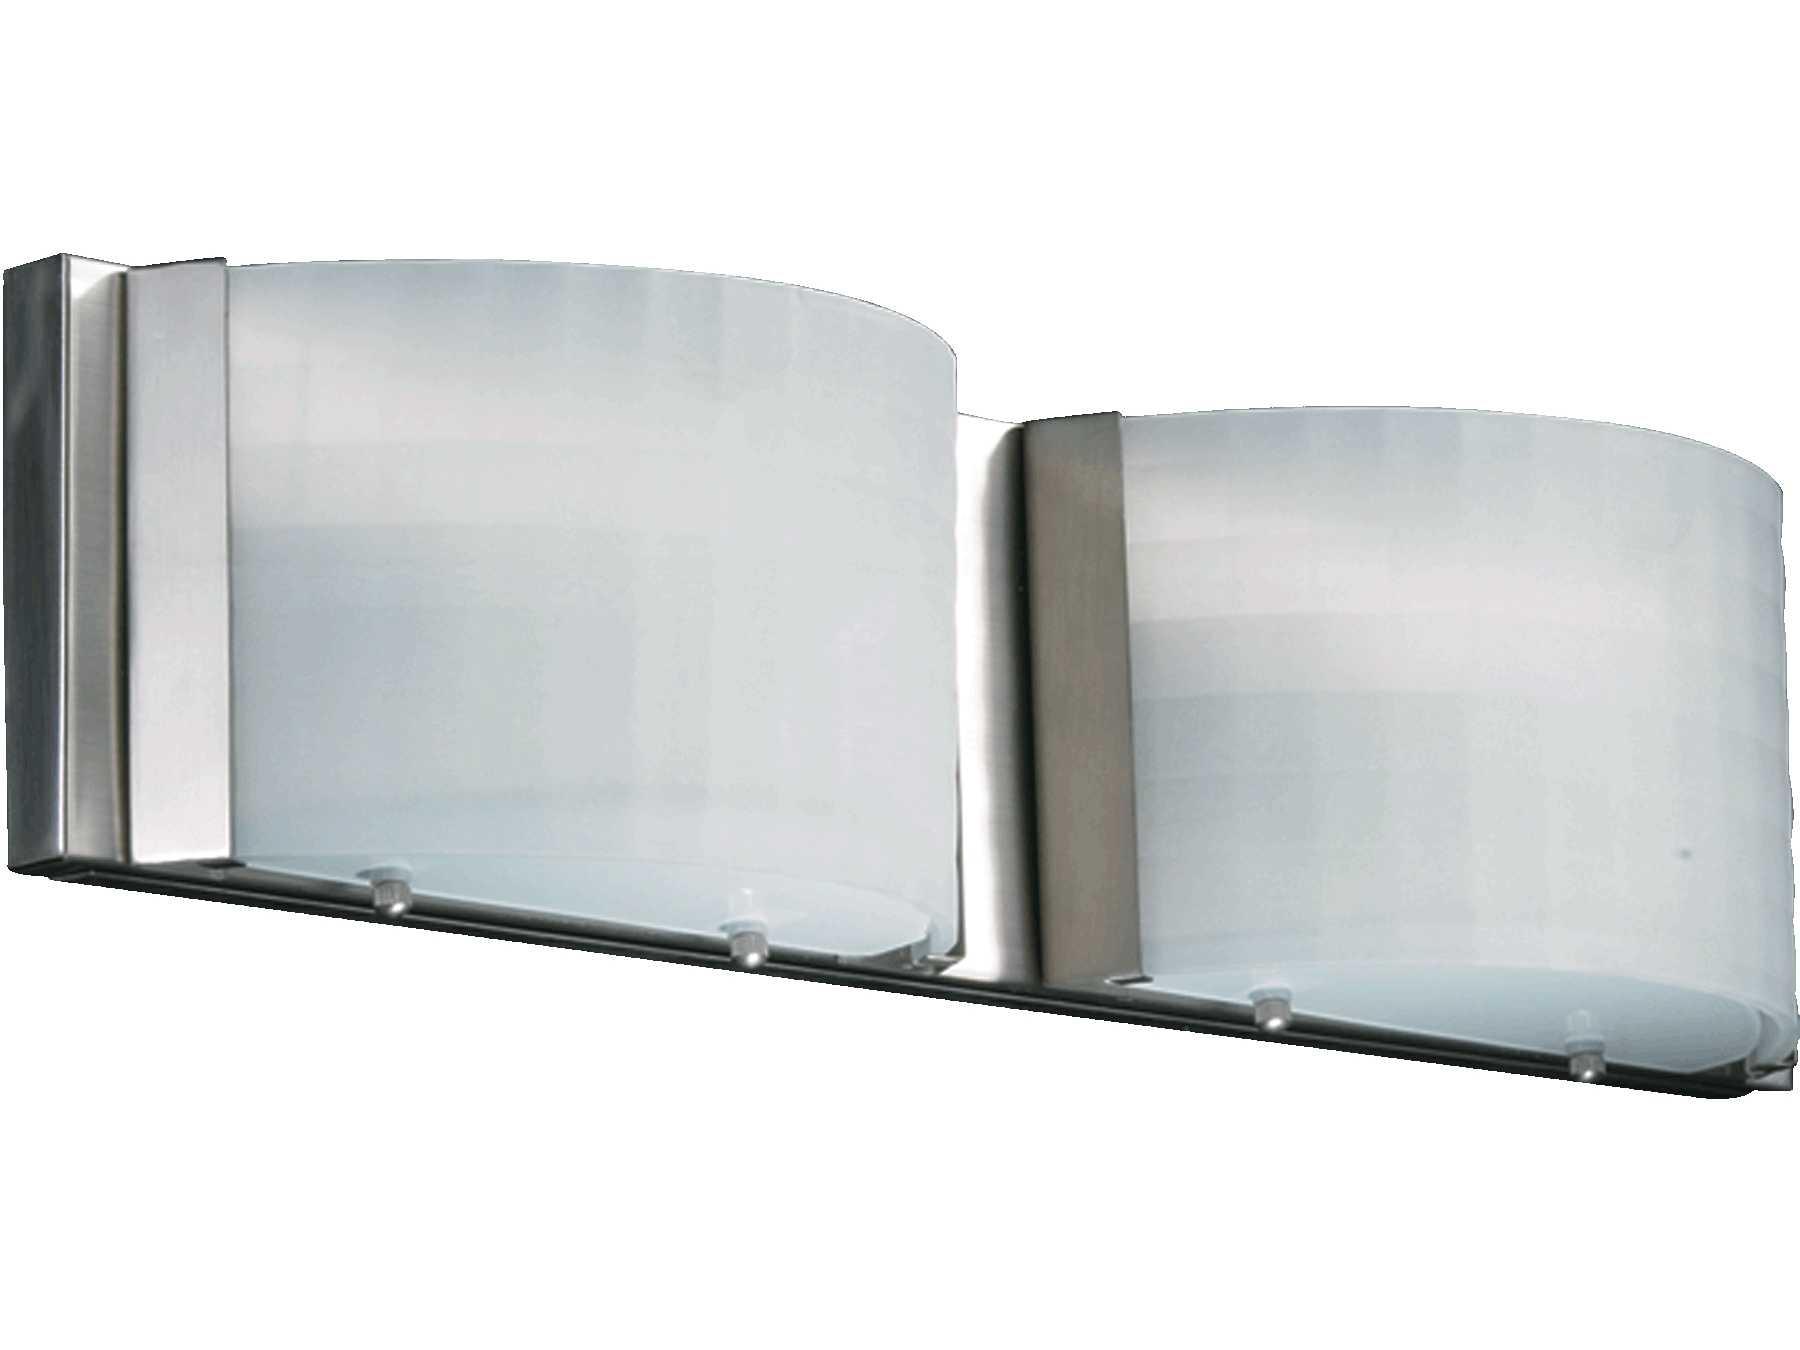 Quorum international satin nickel two lights vanity light for International decor wall lights